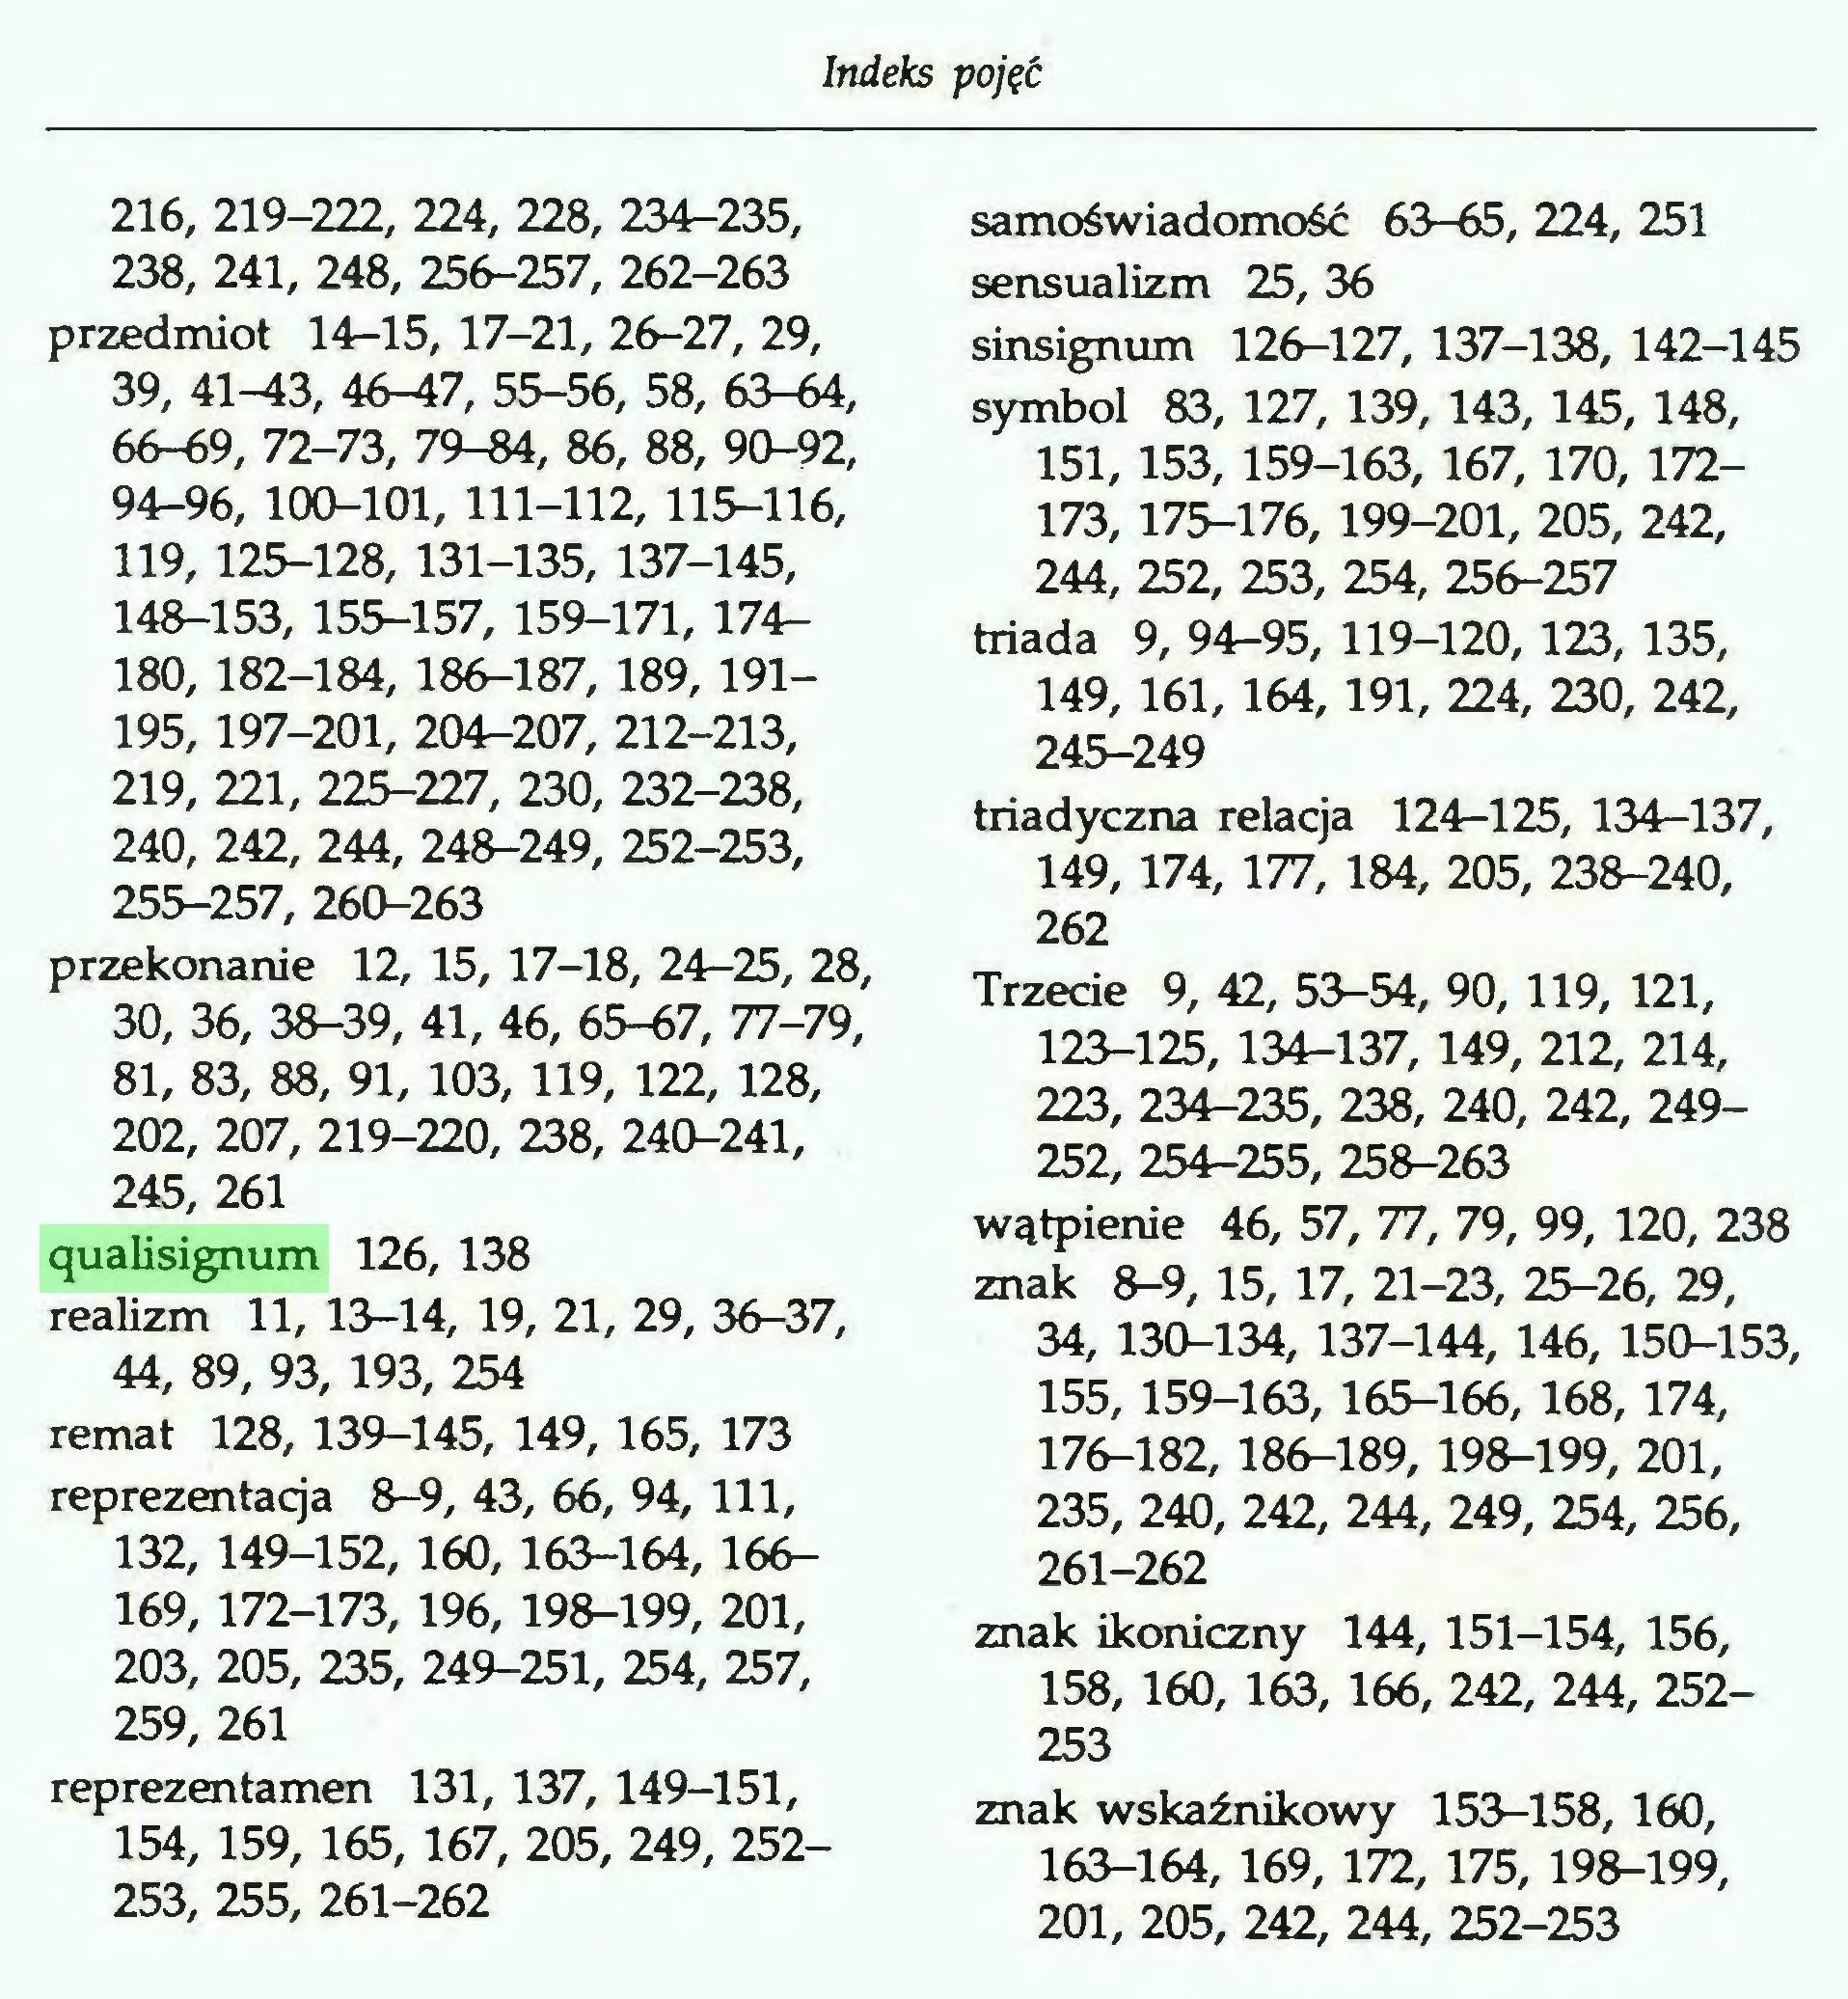 (...) Indeks pojęć 216, 219-222, 224, 228, 234-235, 238, 241, 248, 256-257, 262-263 przedmiot 14-15, 17-21, 26-27, 29, 39, 41-43, 46-47, 55-56, 58, 63-64, 66-69, 72-73, 79-84, 86, 88, 90-92, 94-96, 100-101, 111-112, 115-116, 119, 125-128, 131-135, 137-145, 148-153, 155-157, 159-171, 174180, 182-184, 186-187, 189, 191195, 197-201, 204-207, 212-213, 219, 221, 225-227, 230, 232-238, 240, 242, 244, 248-249, 252-253, 255-257, 260-263 przekonanie 12, 15, 17-18, 24-25, 28, 30, 36, 38-39, 41, 46, 65-67, 77-79, 81, 83, 88, 91, 103, 119, 122, 128, 202, 207, 219-220, 238, 240-241, 245, 261 qualisignum 126, 138 realizm 11, 13-14, 19, 21, 29, 36-37, 44, 89, 93, 193, 254 remat 128, 139-145, 149, 165, 173 reprezentacja 8-9, 43, 66, 94, 111, 132, 149-152, 160, 163-164, 166169, 172-173, 196, 198-199, 201, 203, 205, 235, 249-251, 254, 257, 259, 261 reprezentamen 131, 137, 149-151, 154, 159, 165, 167, 205, 249, 252253, 255, 261-262 samoświadomość 63-65, 224, 251 sensualizm 25, 36 sinsignum 126-127, 137-138, 142-145 symbol 83, 127, 139, 143, 145, 148, 151, 153, 159-163, 167, 170, 172173, 175-176, 199-201, 205, 242, 244, 252, 253, 254, 256-257 triada 9, 94-95, 119-120, 123, 135, 149, 161, 164, 191, 224, 230, 242, 245-249 triadyczna relacja 124-125, 134-137, 149, 174, 177, 184, 205, 238-240, 262 Trzecie 9, 42, 53-54, 90, 119, 121, 123-125, 134-137, 149, 212, 214, 223, 234-235, 238, 240, 242, 249252, 254-255, 258-263 wątpienie 46, 57, 77, 79, 99, 120, 238 znak 8-9, 15, 17, 21-23, 25-26, 29, 34, 130-134, 137-144, 146, 150-153, 155, 159-163, 165-166, 168, 174, 176-182, 186-189, 198-199, 201, 235, 240, 242, 244, 249, 254, 256, 261-262 znak ikoniczny 144, 151-154, 156, 158, 160, 163, 166, 242, 244, 252253 znak wskaźnikowy 153-158, 160, 163-164, 169, 172, 175, 198-199, 201, 205, 242, 244, 252-253...